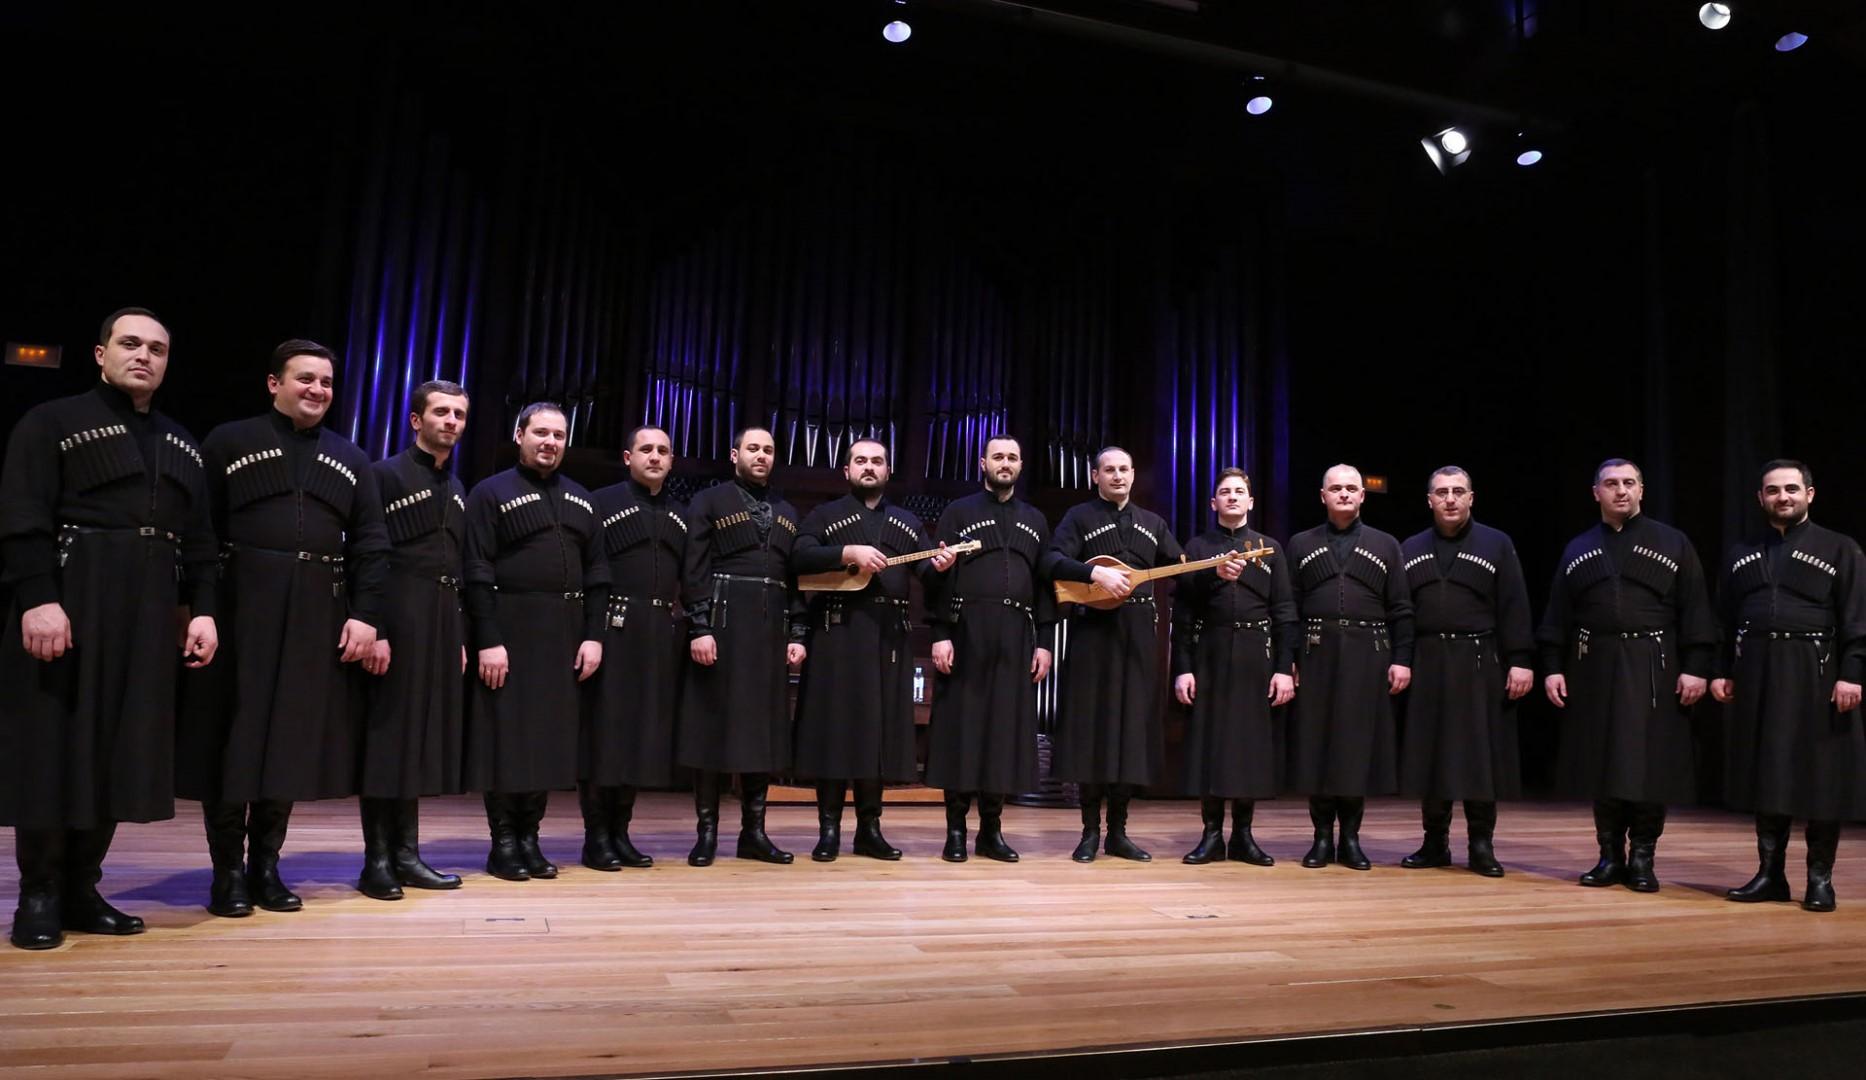 الغناء متعدد الأصوات (اليونسكو)